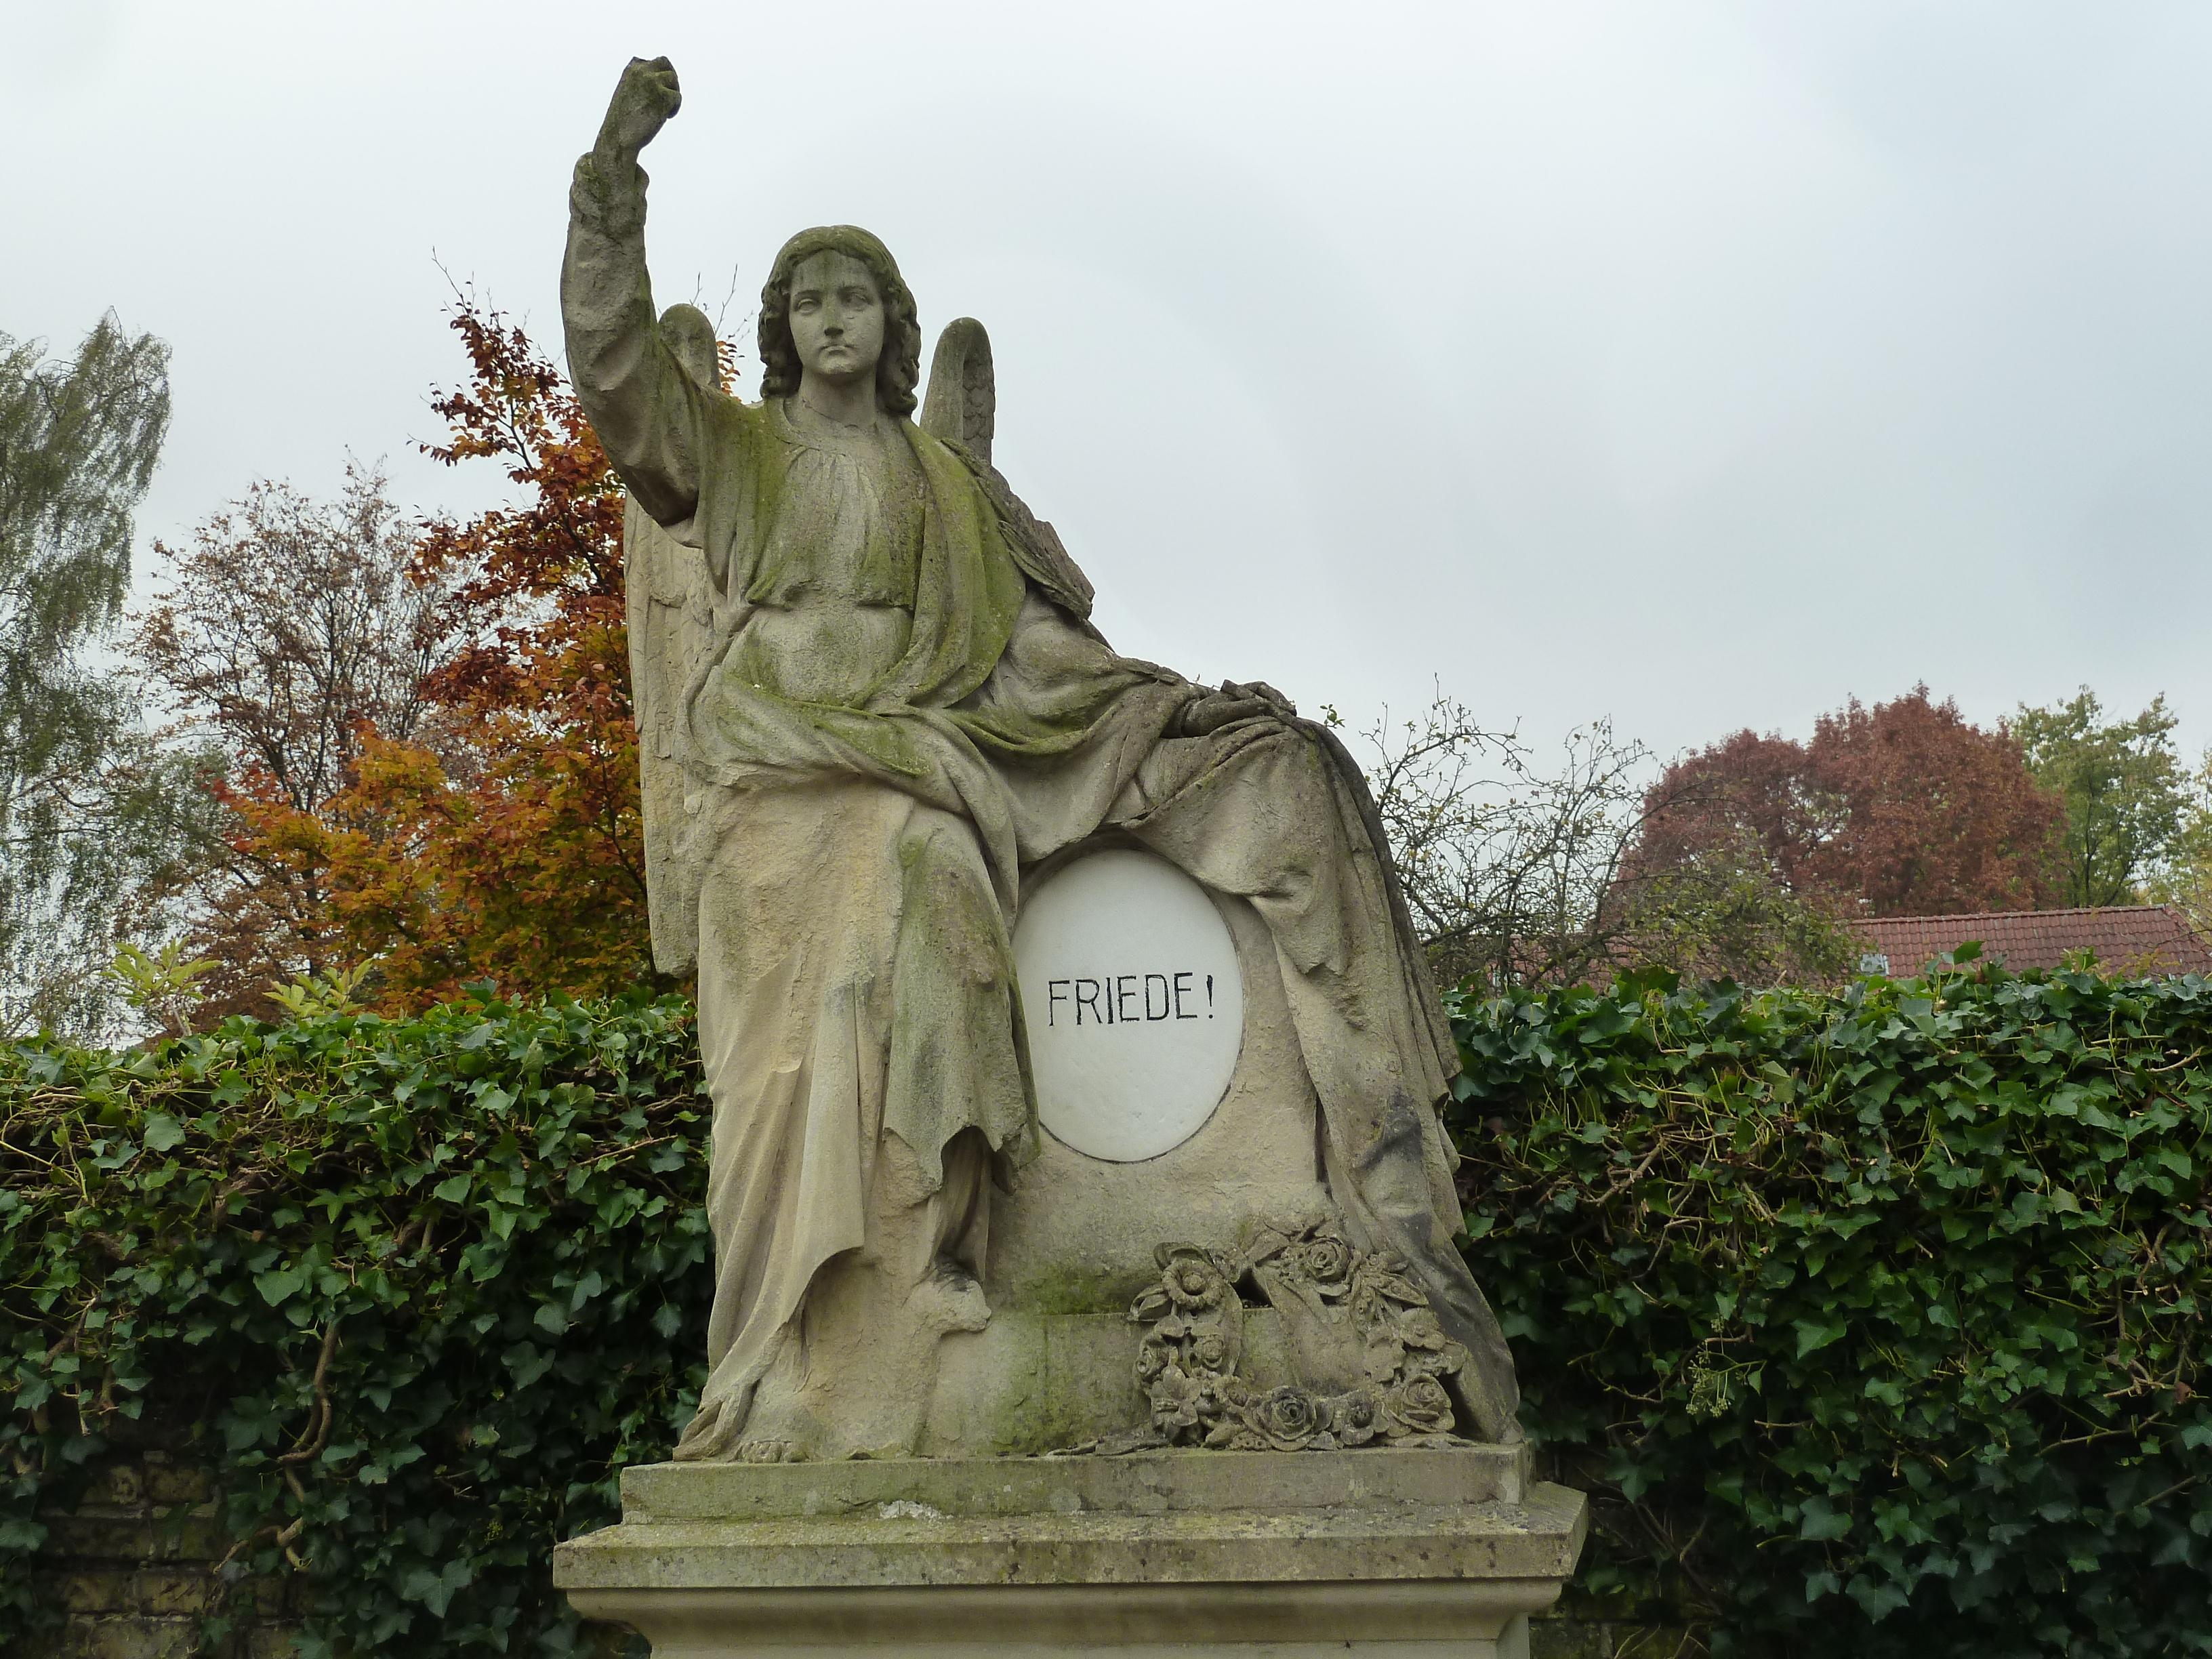 Friede!